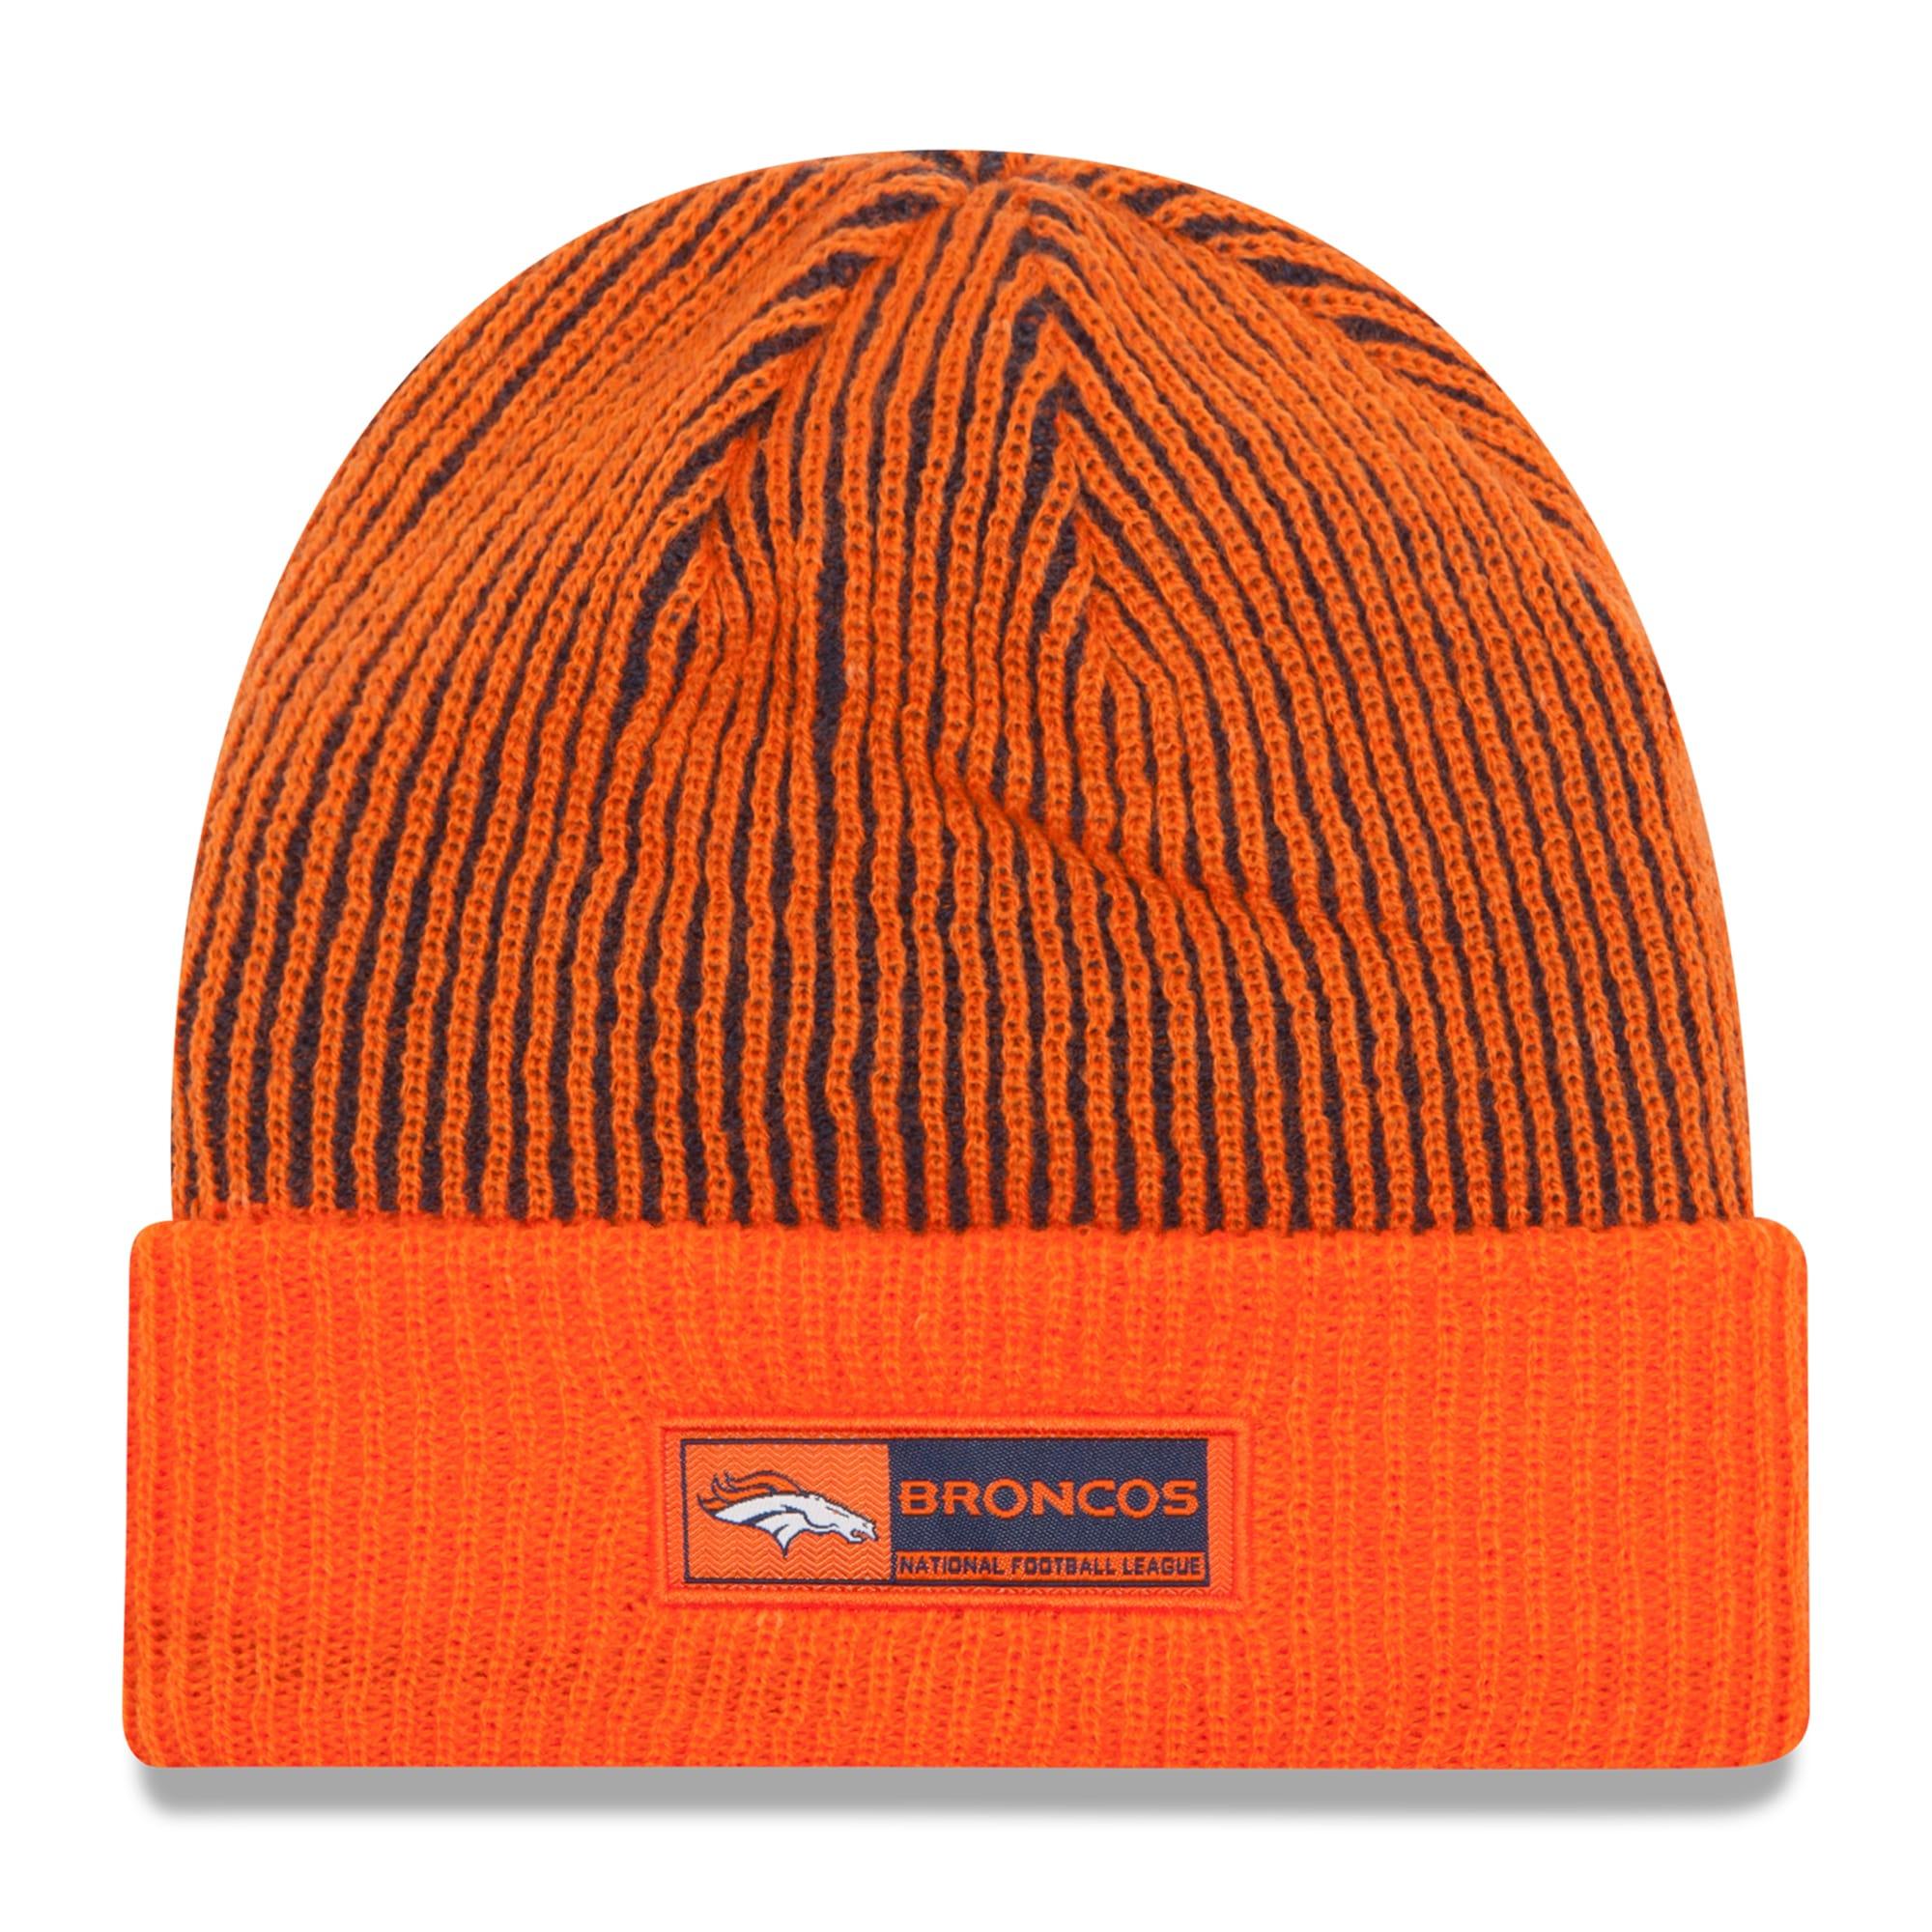 Denver Broncos New Era Sideline Official Tech Knit Hat - Orange